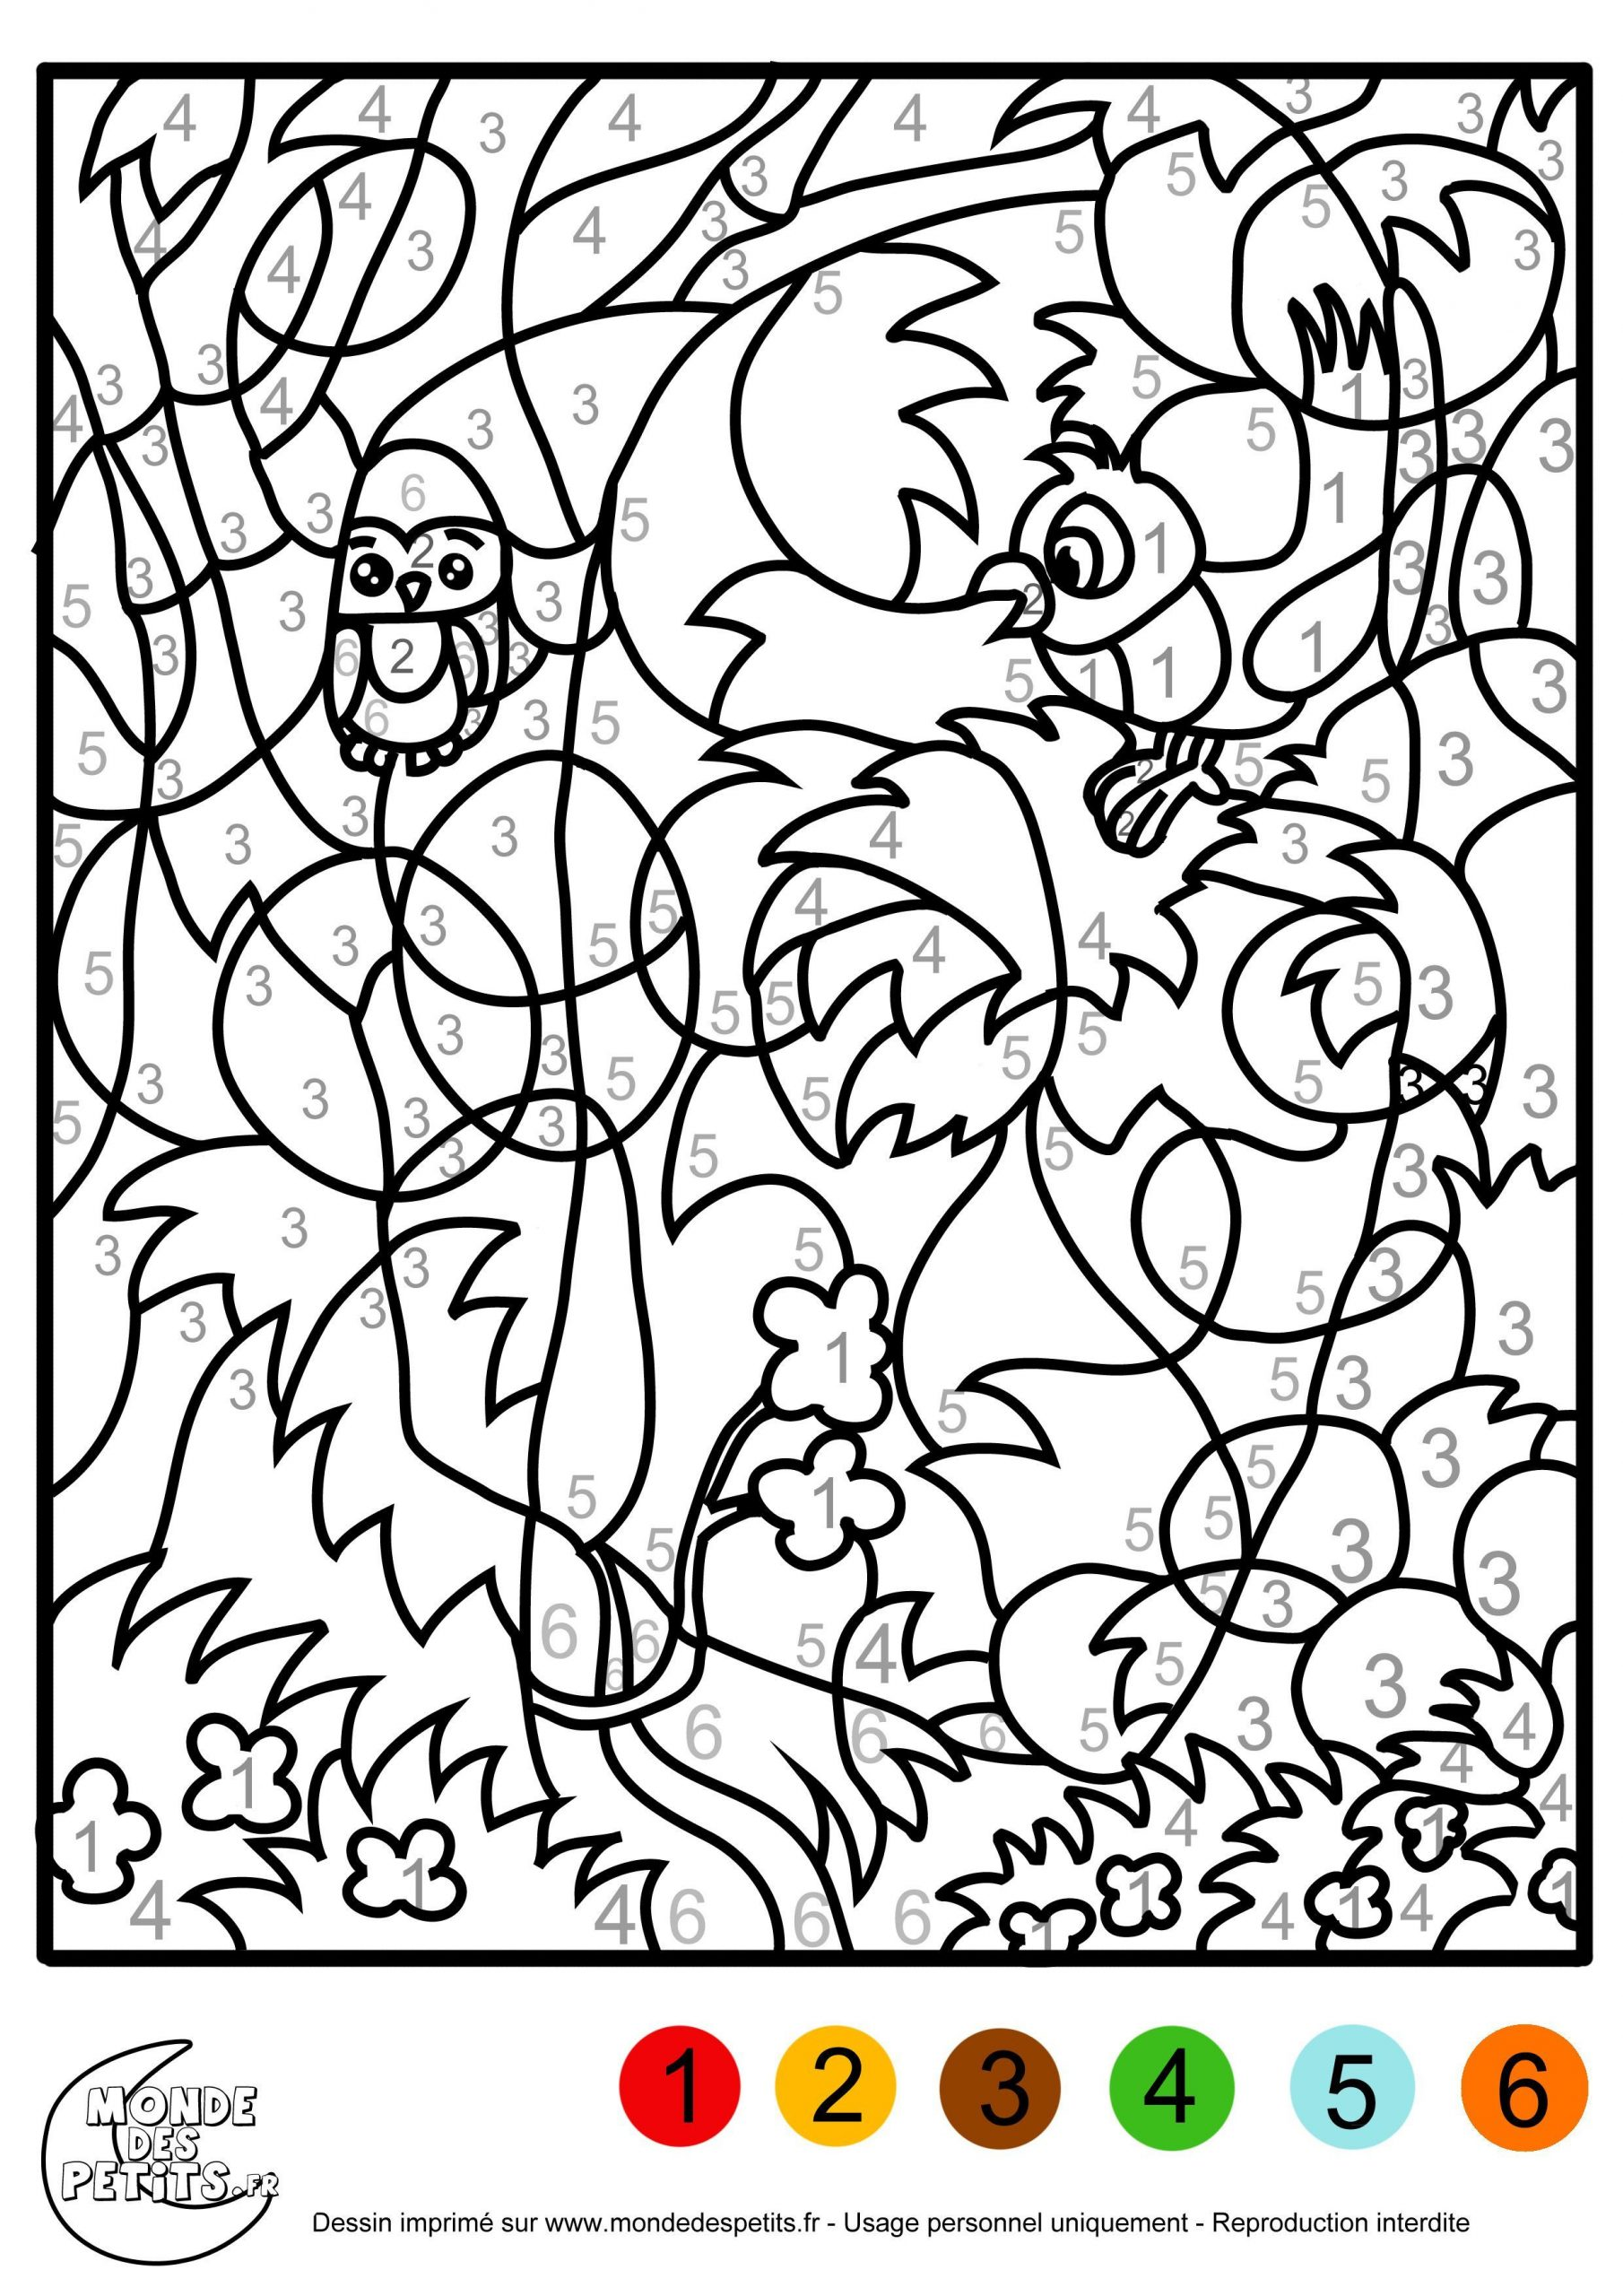 24 Dessins De Coloriage Magique Gs À Imprimer Trouver 24 à Coloriage Magique Ms À Imprimer